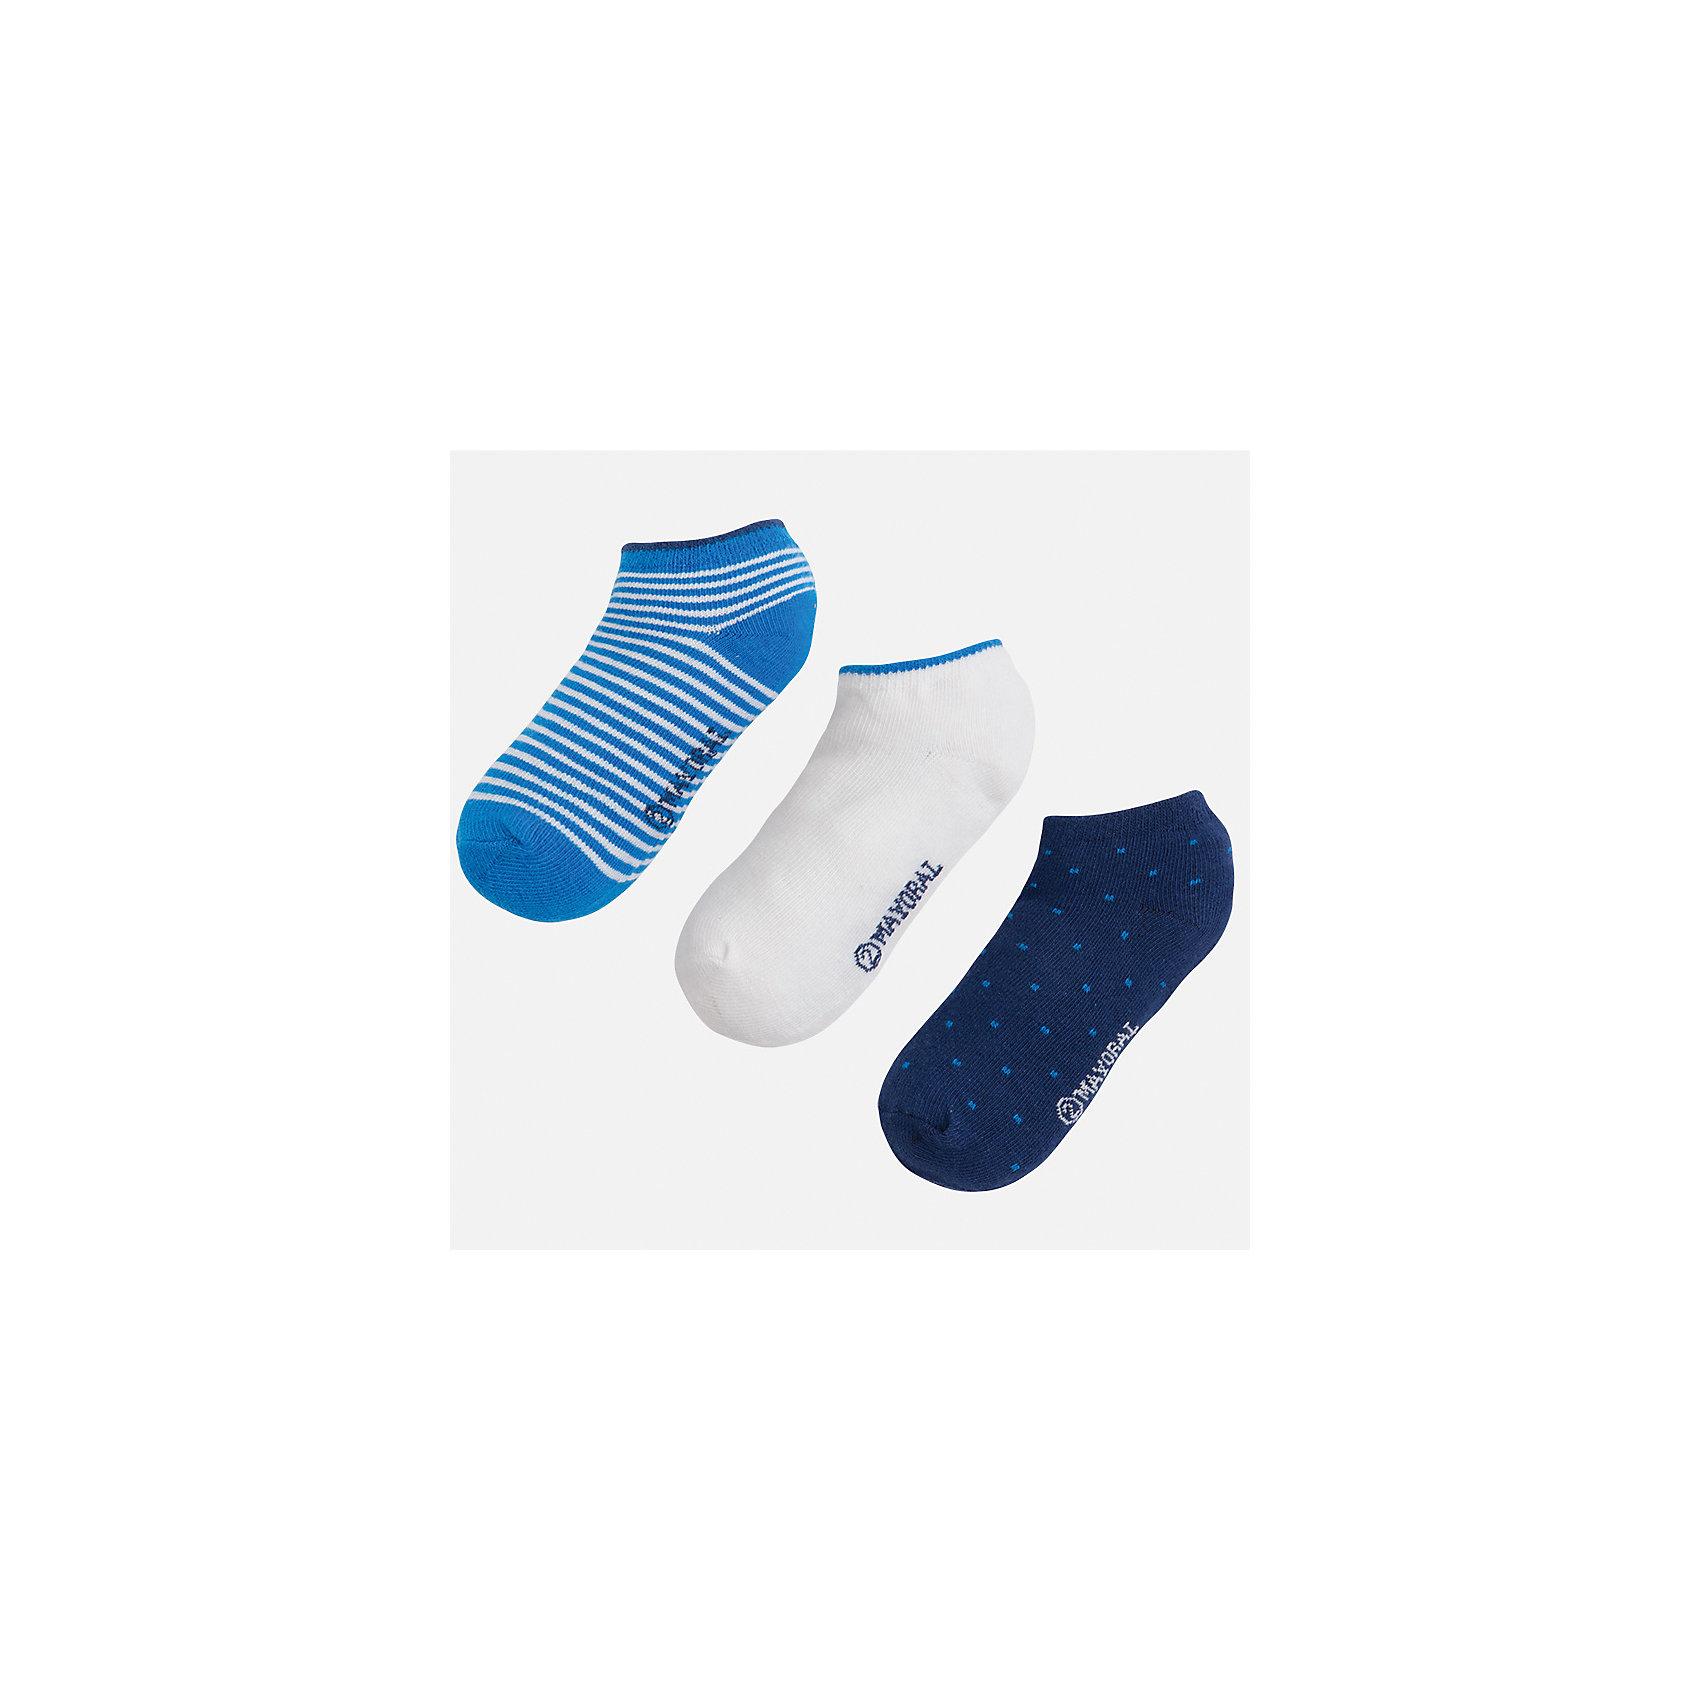 Носки (3 пары) для мальчика MayoralНоски<br>Характеристики товара:<br><br>• цвет: синий/белый/голубой<br>• состав: 72% хлопок, 25% полиамид, 3% эластан<br>• комплектация: три пары<br>• мягкая резинка<br>• эластичный материал<br>• декорированы рисунком<br>• страна бренда: Испания<br><br>Удобные симпатичные носки для мальчика помогут обеспечить ребенку комфорт и дополнить наряд. Универсальный цвет позволяет надевать их под обувь разных расцветок. Носки удобно сидят на ноге и аккуратно смотрятся. Этот комплект - практичный и красивый! В составе материала - натуральный хлопок, гипоаллергенный, приятный на ощупь, дышащий. <br><br>Одежда, обувь и аксессуары от испанского бренда Mayoral полюбились детям и взрослым по всему миру. Модели этой марки - стильные и удобные. Для их производства используются только безопасные, качественные материалы и фурнитура. Порадуйте ребенка модными и красивыми вещами от Mayoral! <br><br>Носки (3 пары) для мальчика от испанского бренда Mayoral (Майорал) можно купить в нашем интернет-магазине.<br><br>Ширина мм: 87<br>Глубина мм: 10<br>Высота мм: 105<br>Вес г: 115<br>Цвет: синий<br>Возраст от месяцев: 72<br>Возраст до месяцев: 96<br>Пол: Мужской<br>Возраст: Детский<br>Размер: 8,2,4,6<br>SKU: 5294372